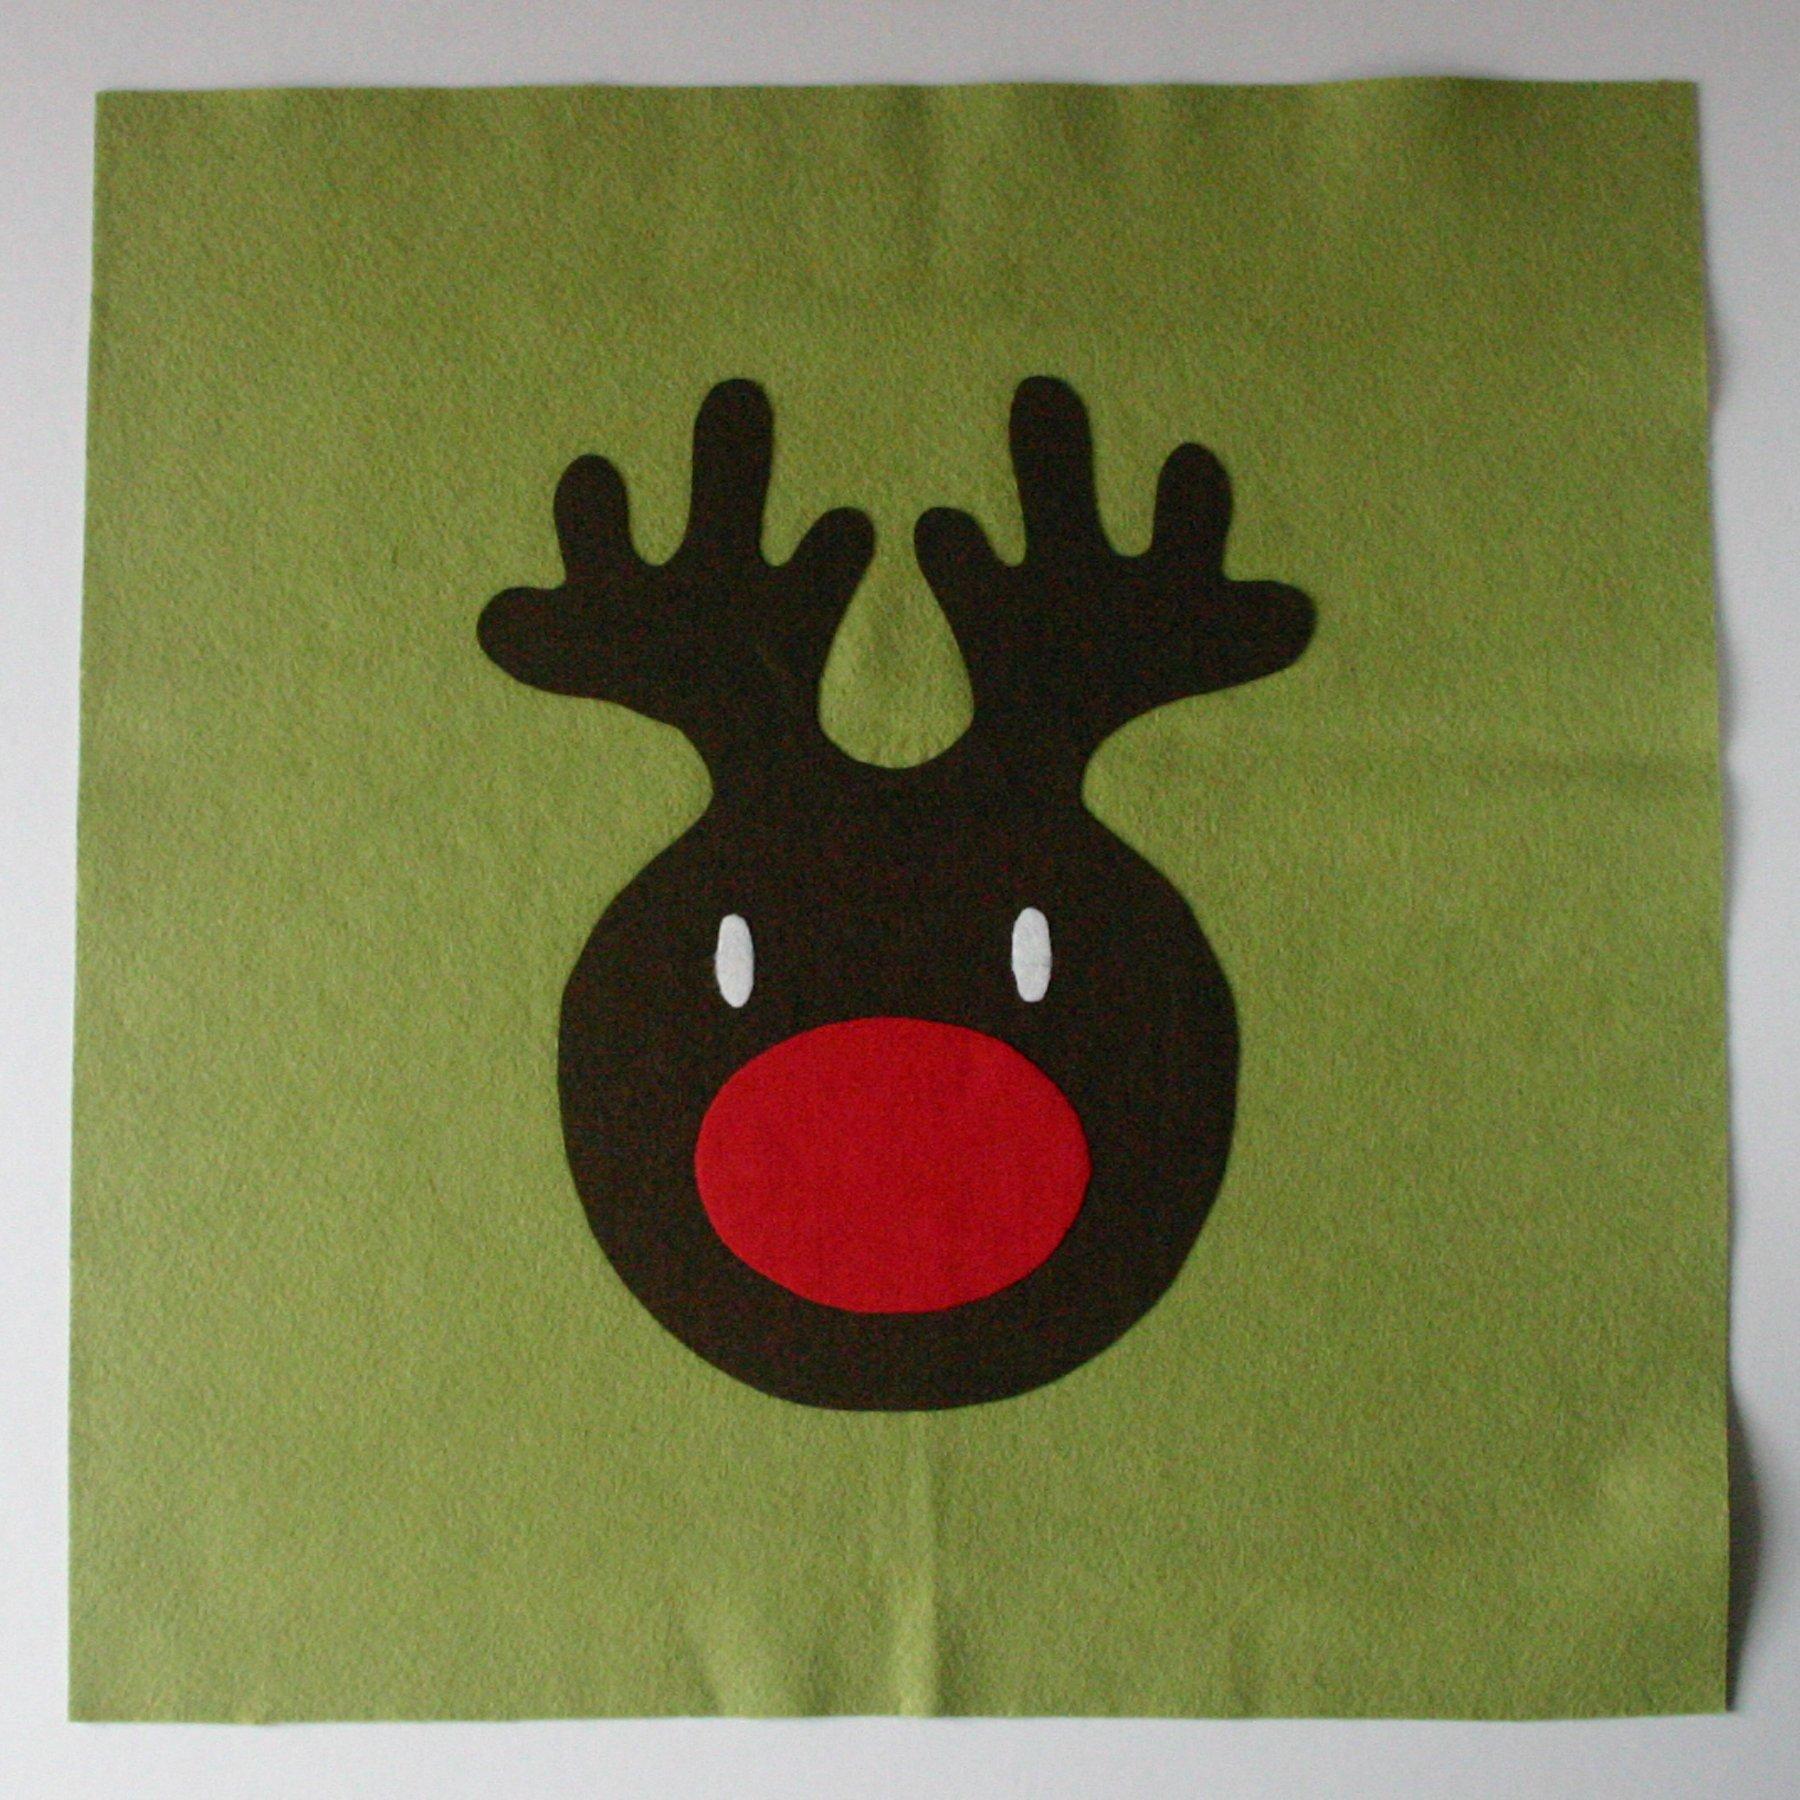 Arranging the Reindeer Head